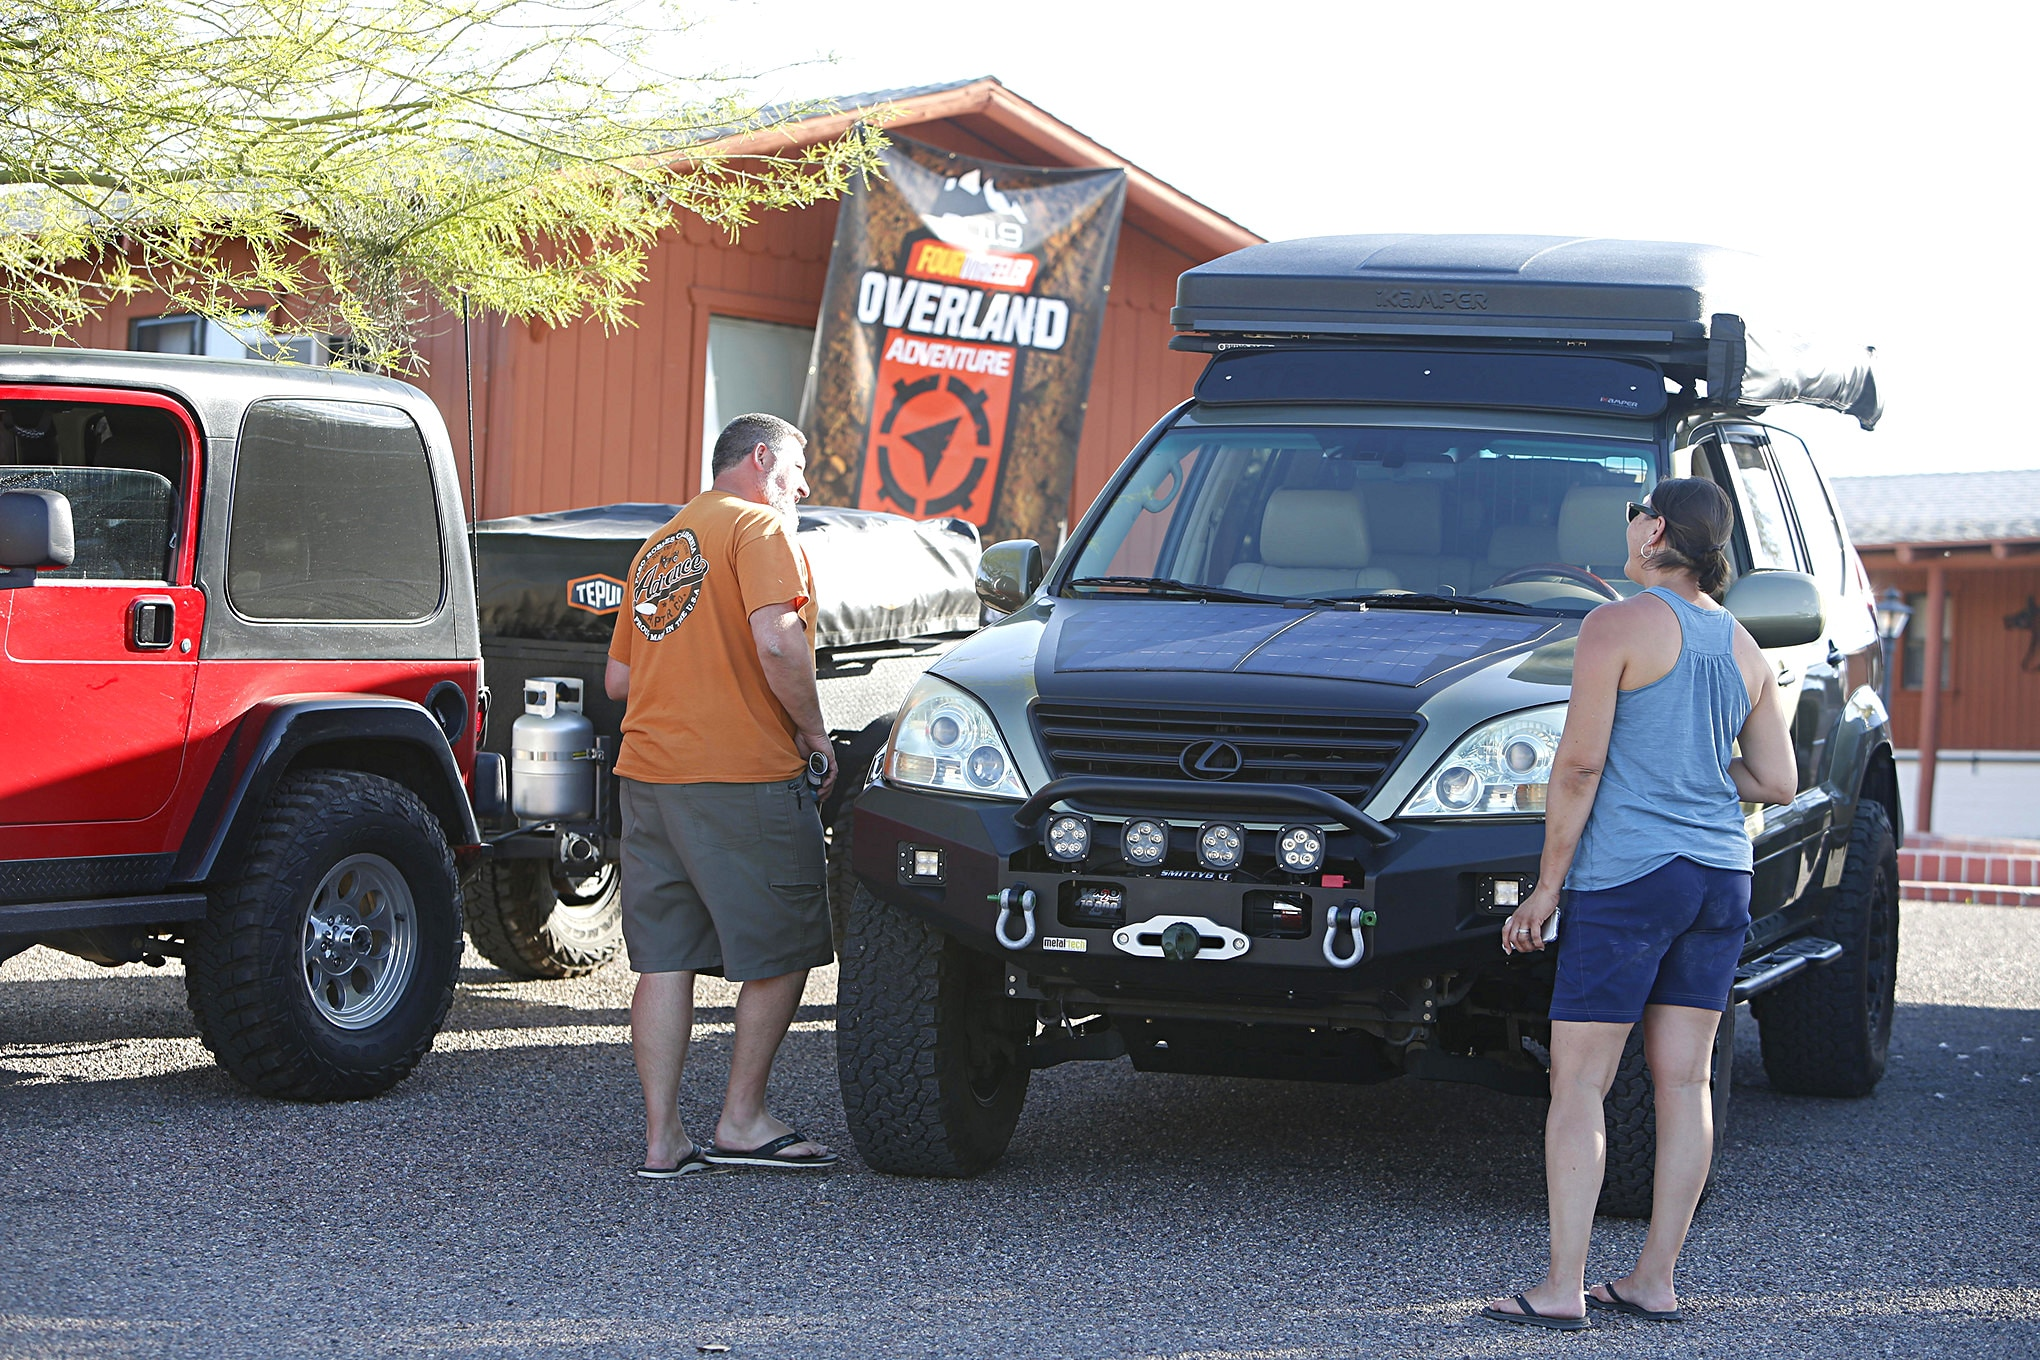 005 web gallery overland adventure